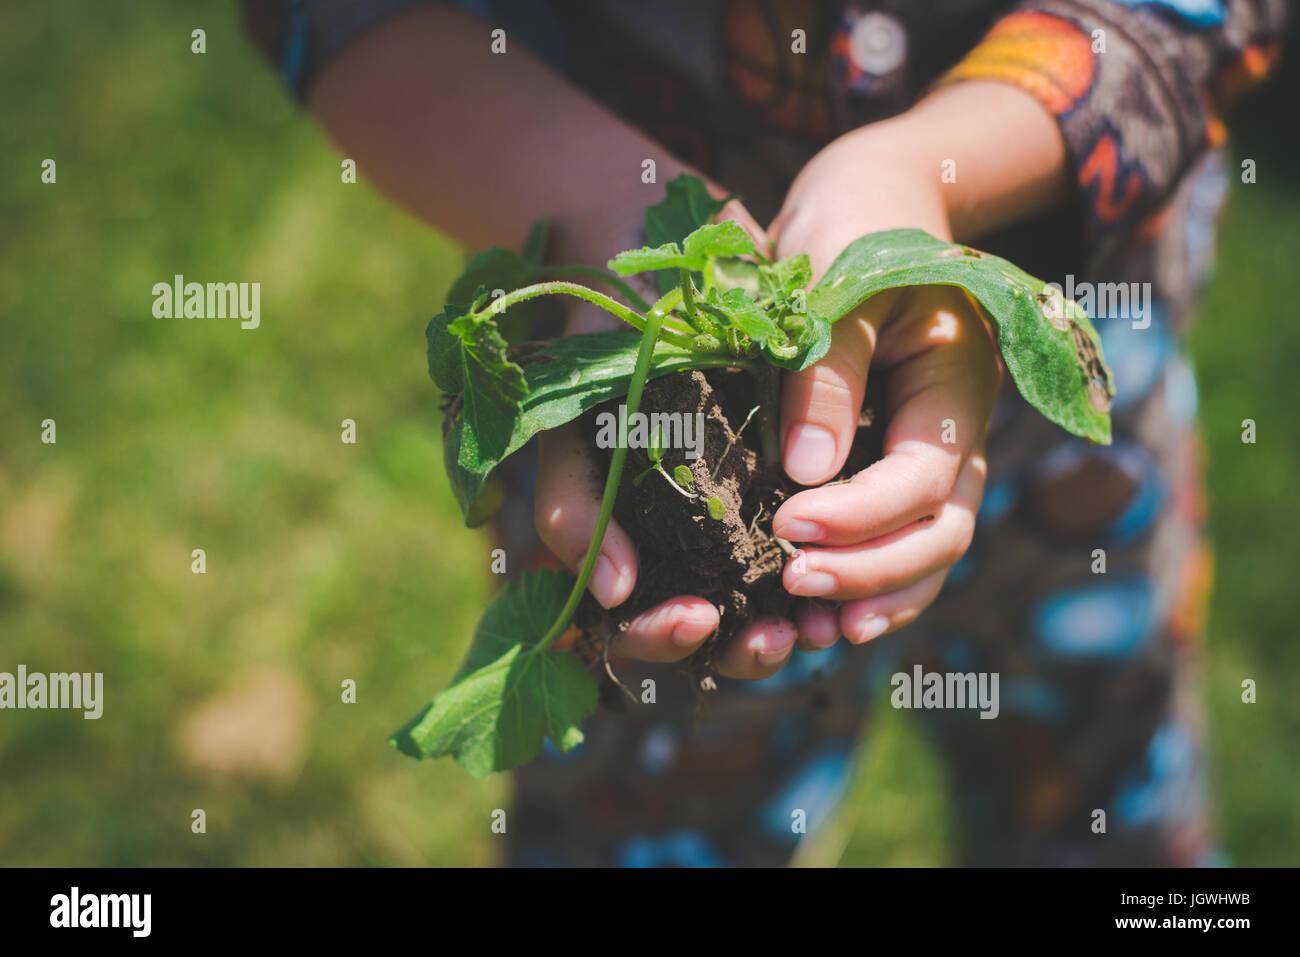 Un enfant tenir une plante avec un sol sous elle. Photo Stock